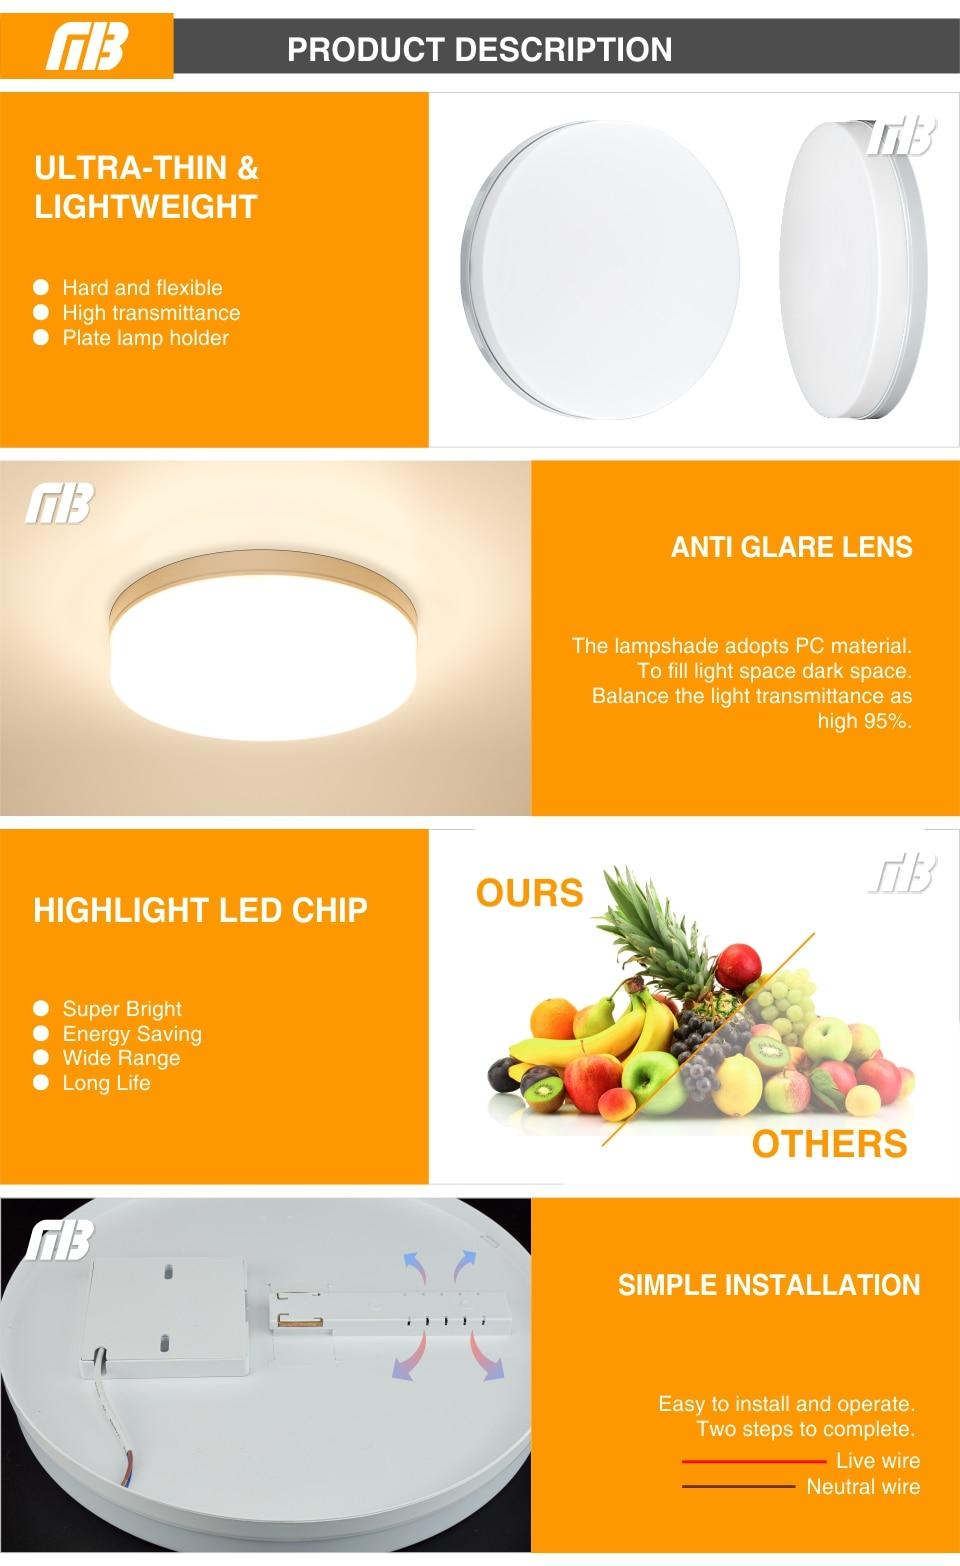 H76331834e4b64563b0e868e4848f6b47V LED Ceiling Light 48W 36W 24W 18W 13W 9W 6W Down Light Surface Mount Panel Lamp 85-265V Modern UFO Lamp For Home Decor Lighting